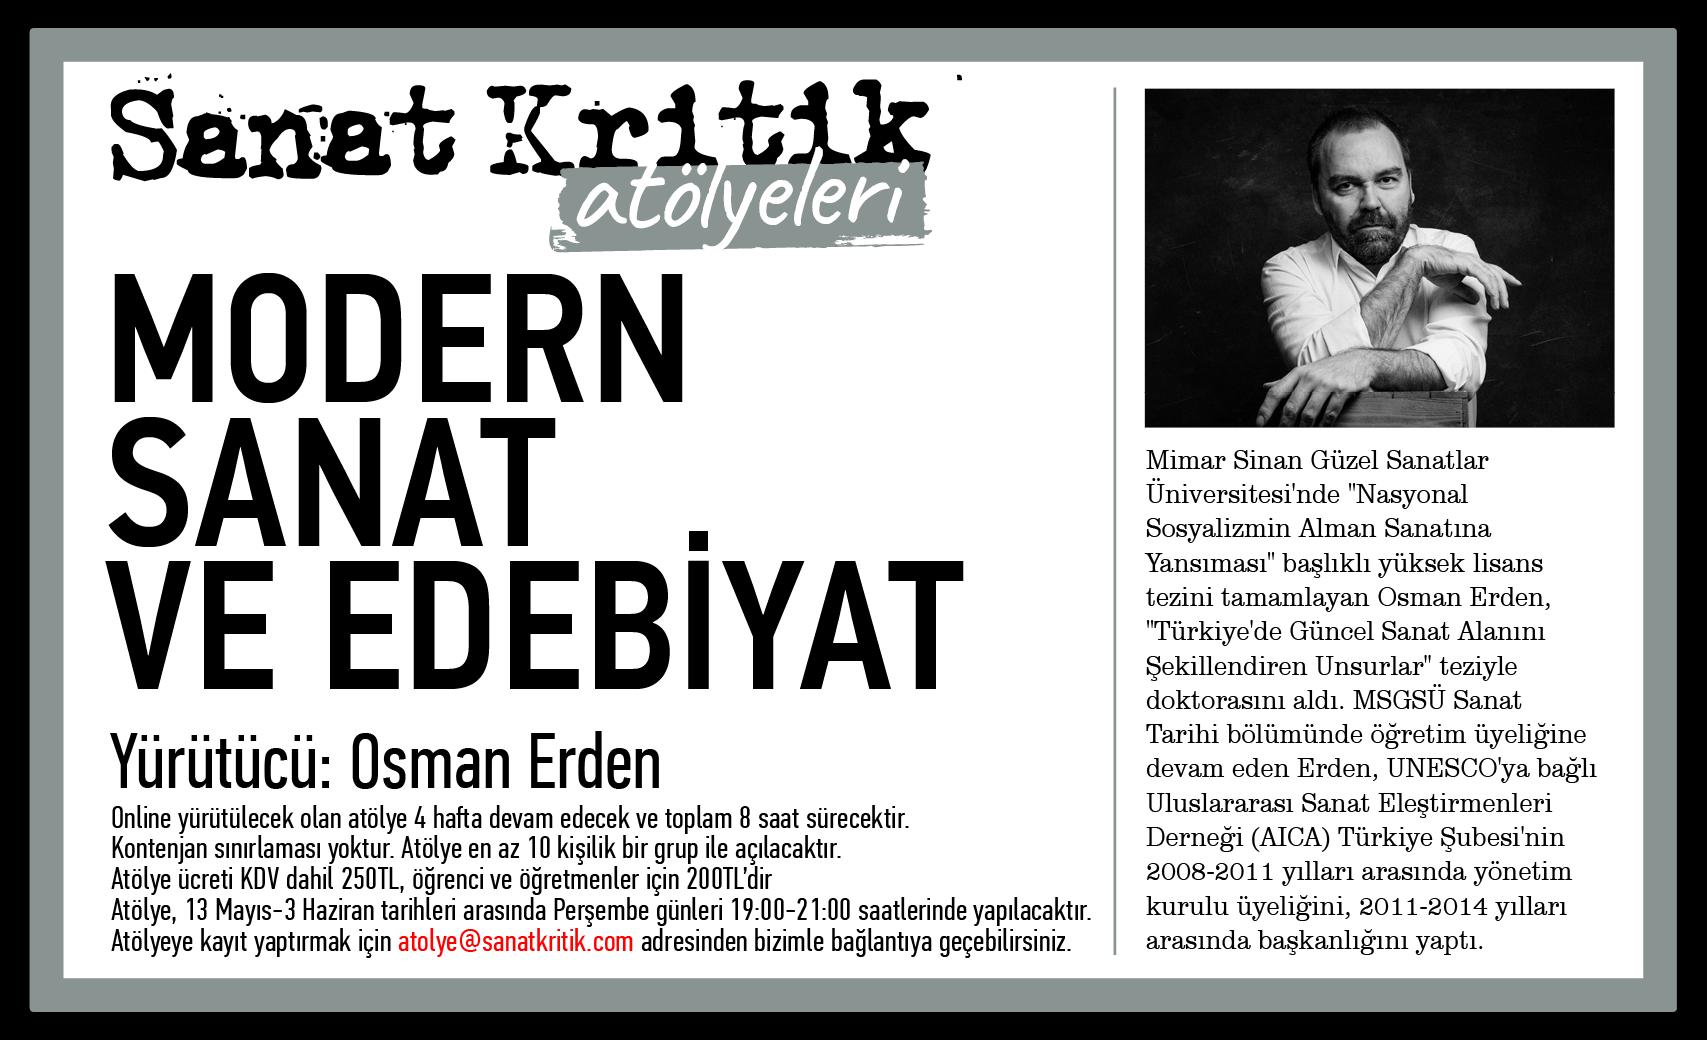 Sanat-Kritik-Osman-Erden-Modern-Sanat-ve-Edebiyat-Resimli